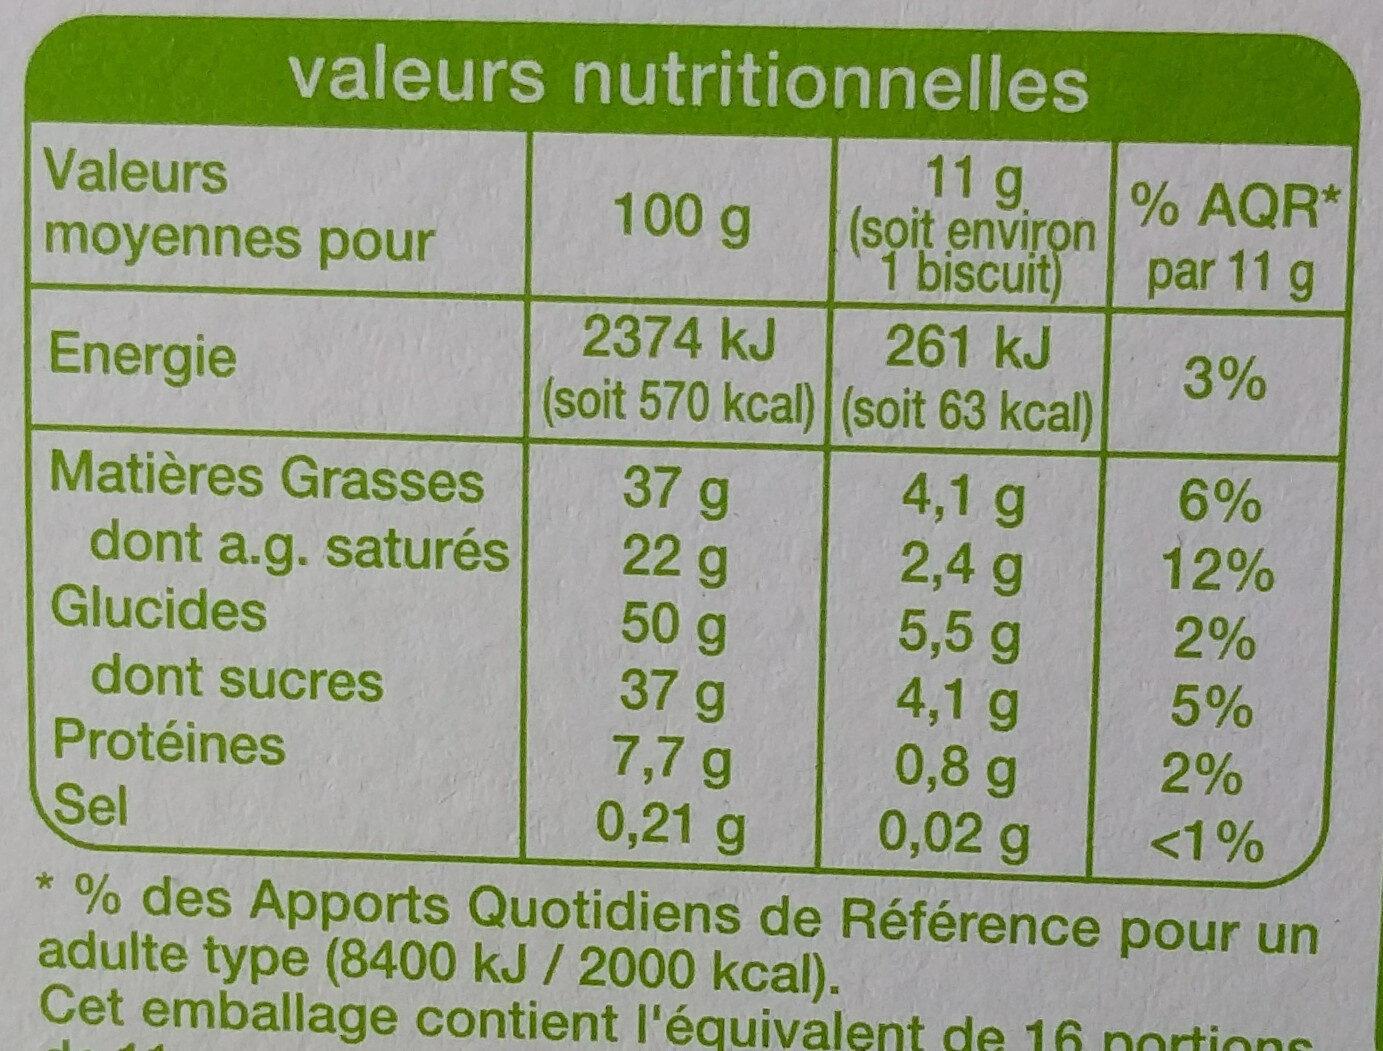 Gaufrettes praline au chocolat au lait - Nutrition facts